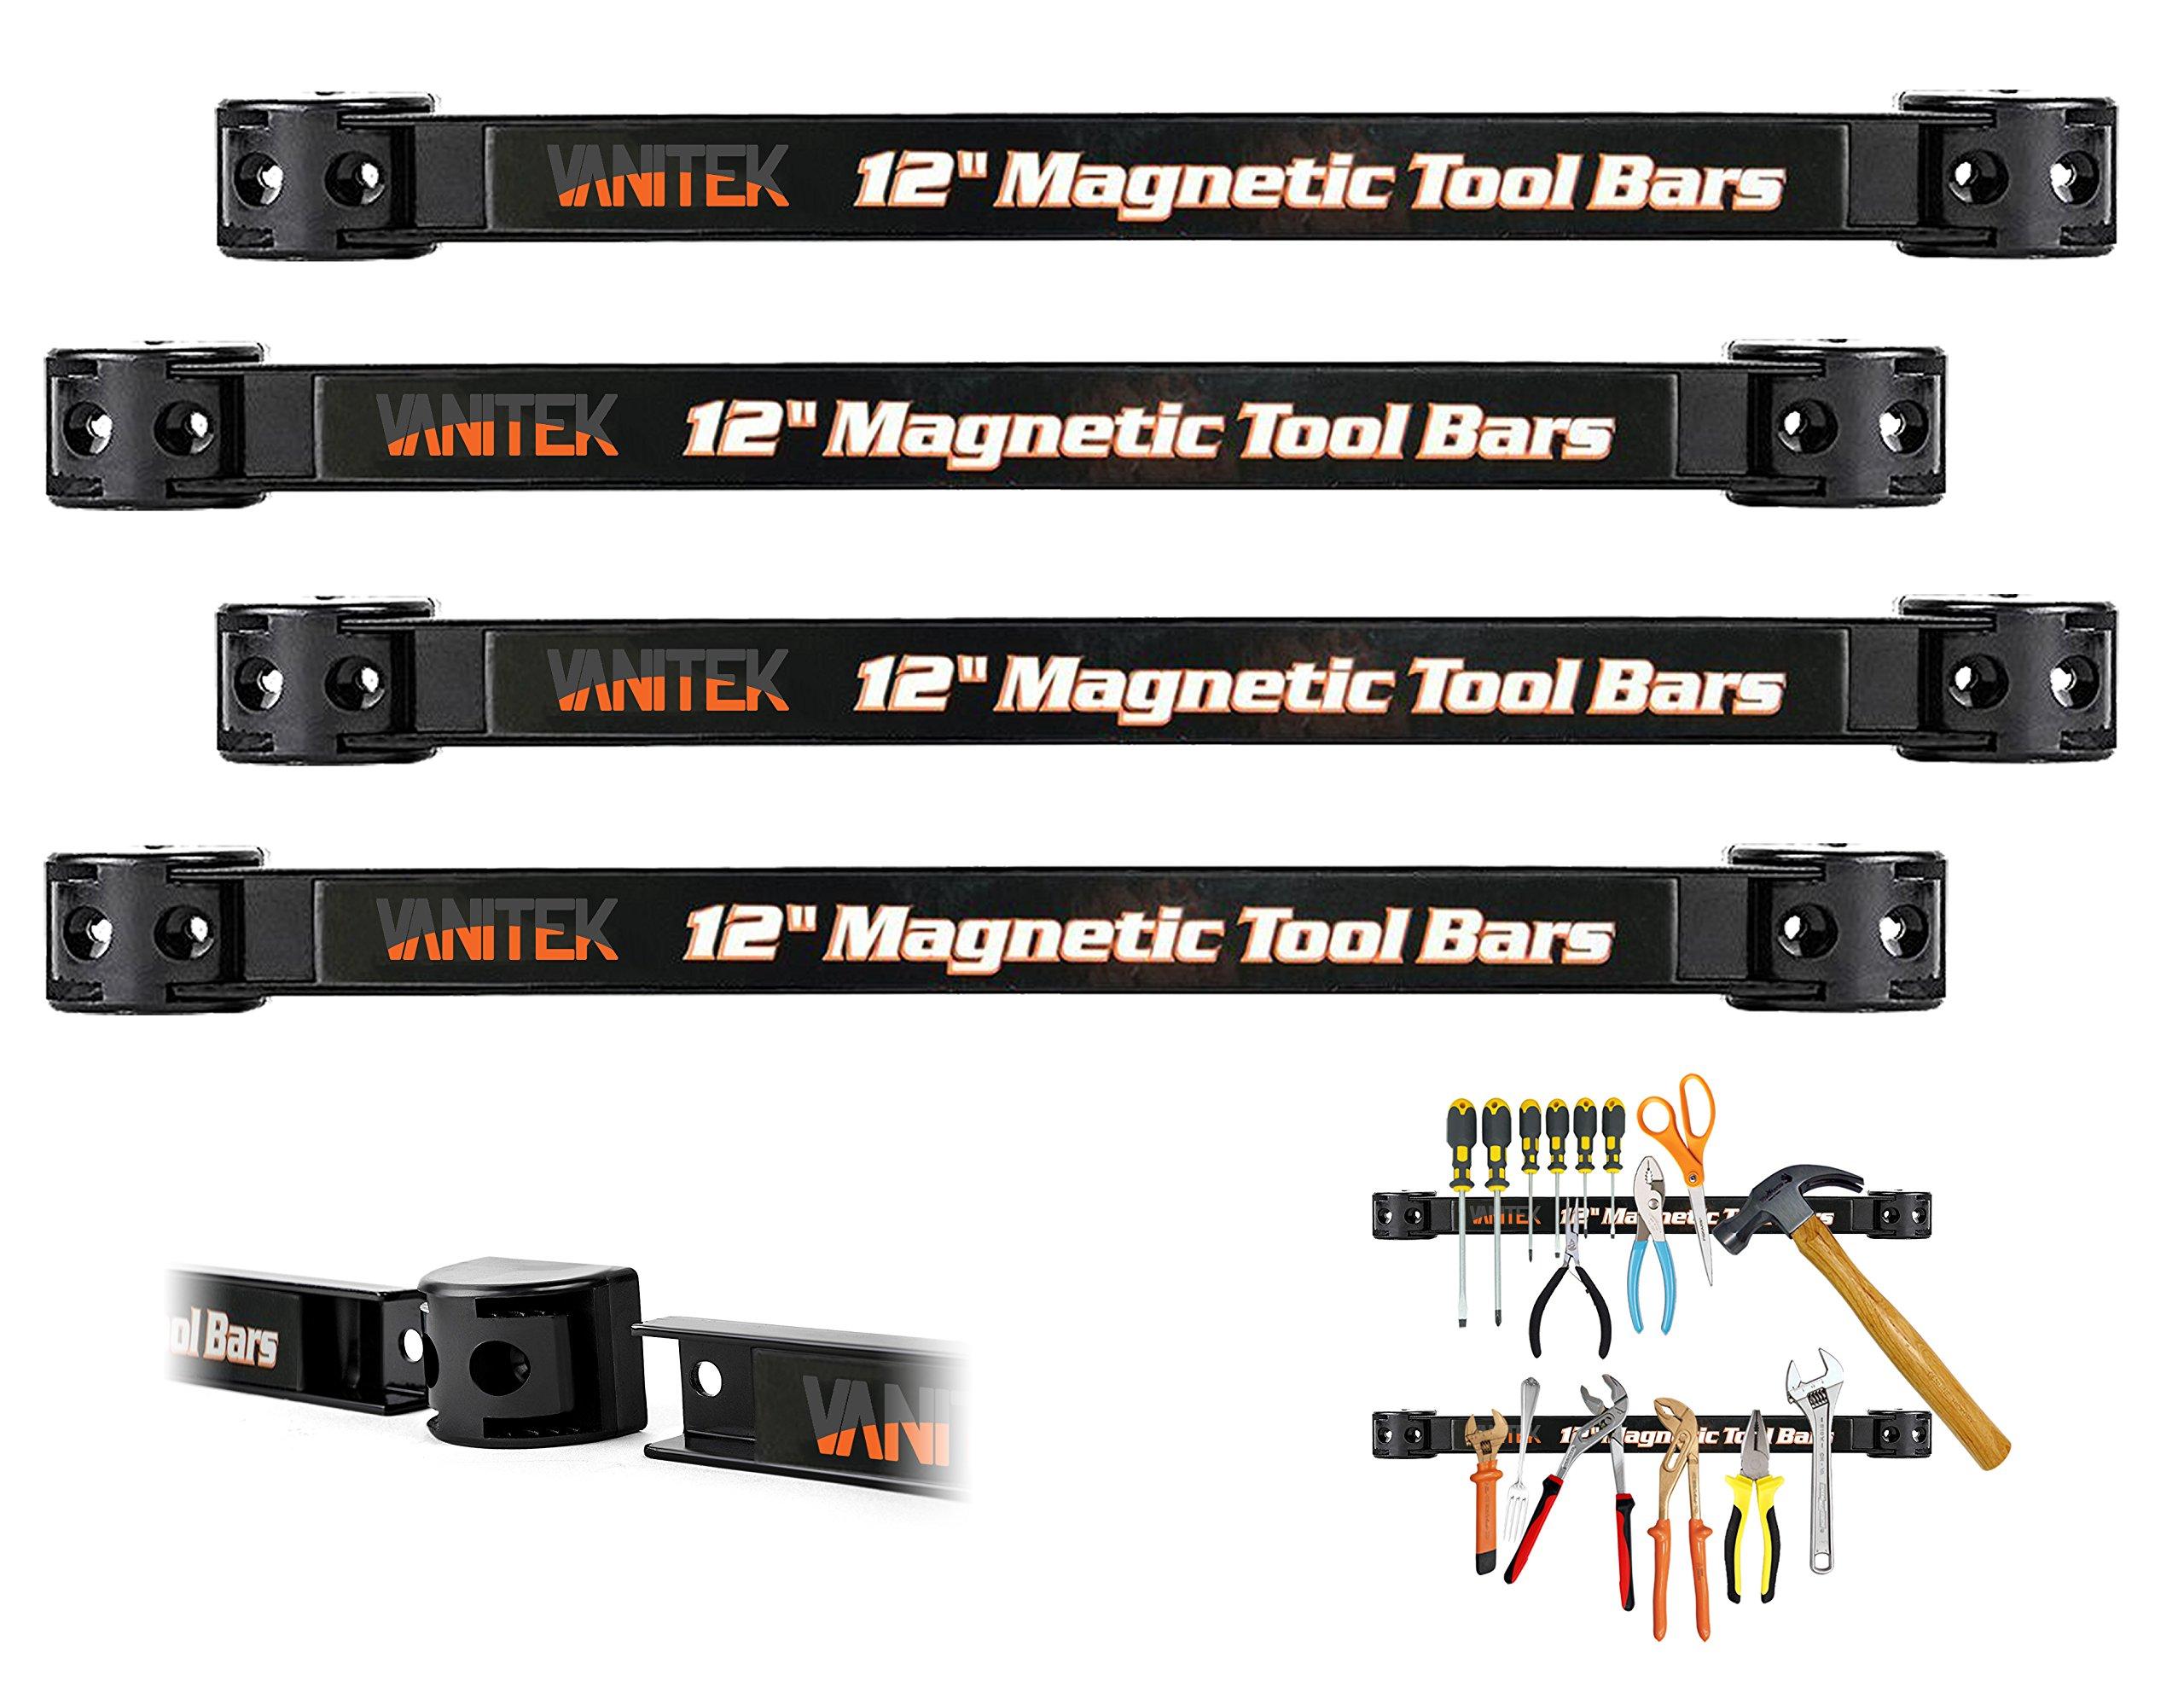 Vanitek 4 Heavy-Duty 12'' Magnetic Tool Holder Racks | Super Strong Metal Magnet Storage Tool Organizer Bars Set | Great for Garage/Workshops (Mounting Screws Included) by Vanitek